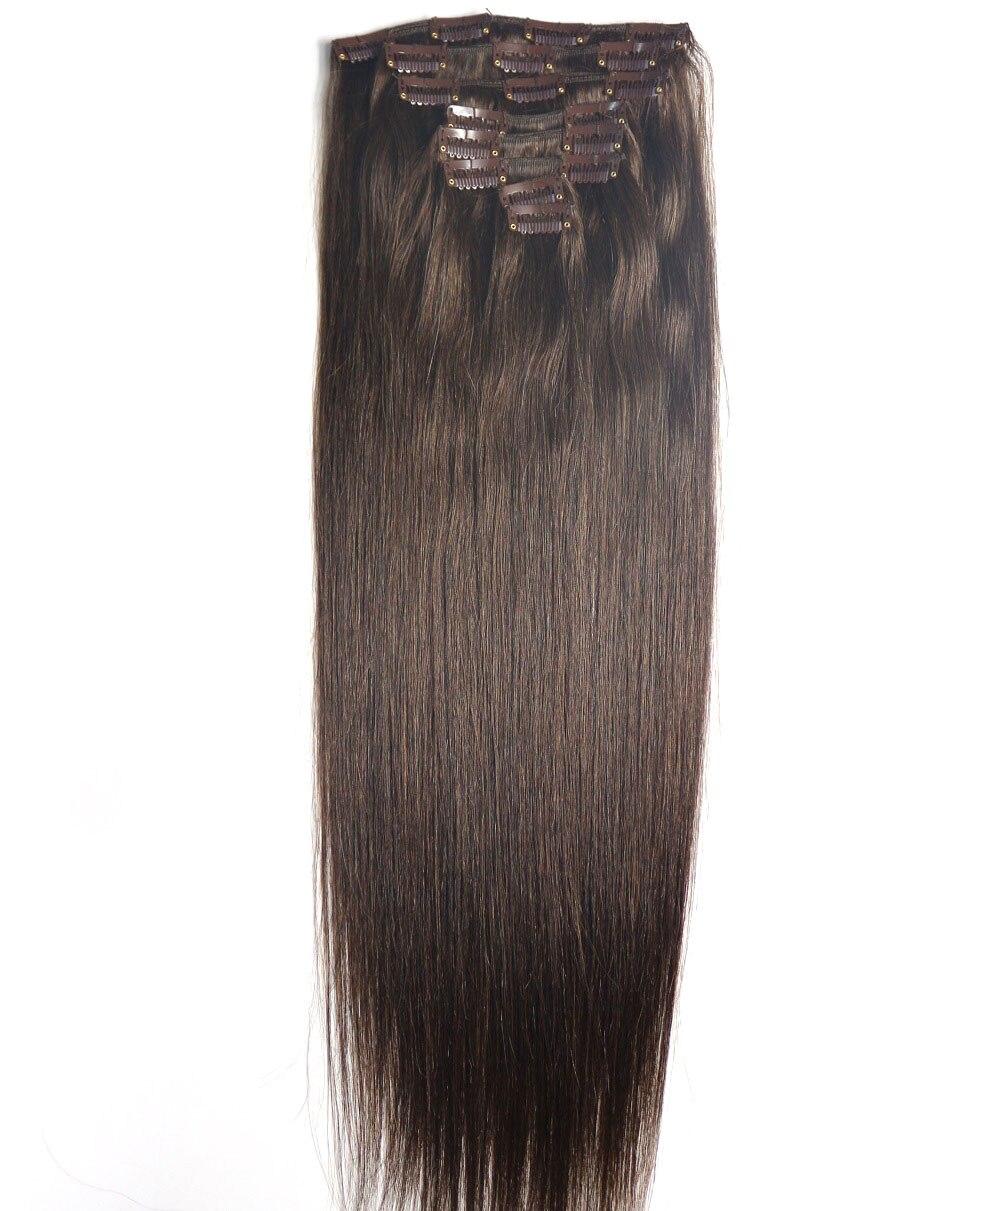 ZZHAIR 160 г-100 г 16 -26 машина сделанная remy волосы 8 шт. набор клипов в 100% человеческих волос для наращивания полный комплект головы Натуральные Пр...